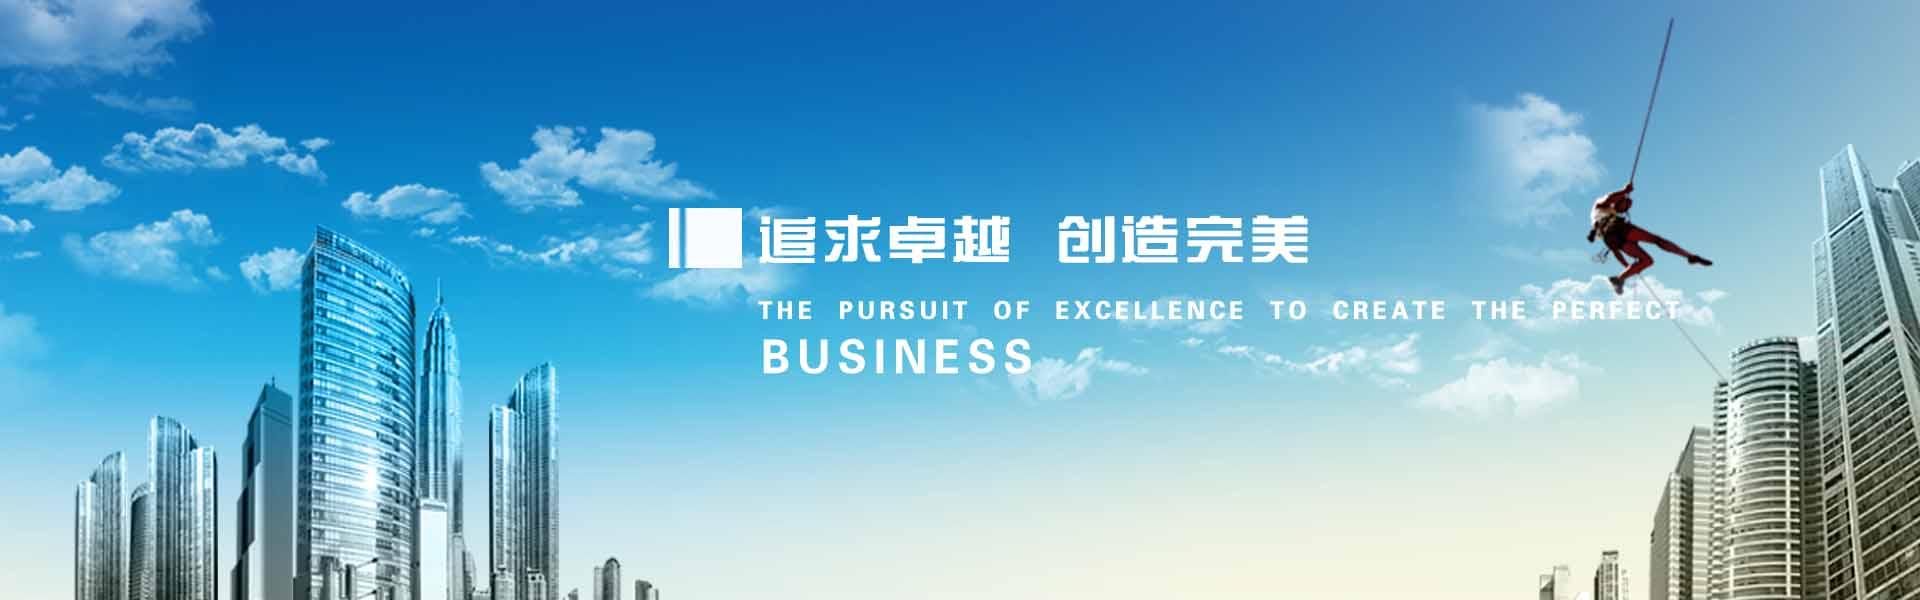 曹县标书制作公司,正规团队,做标书费用低